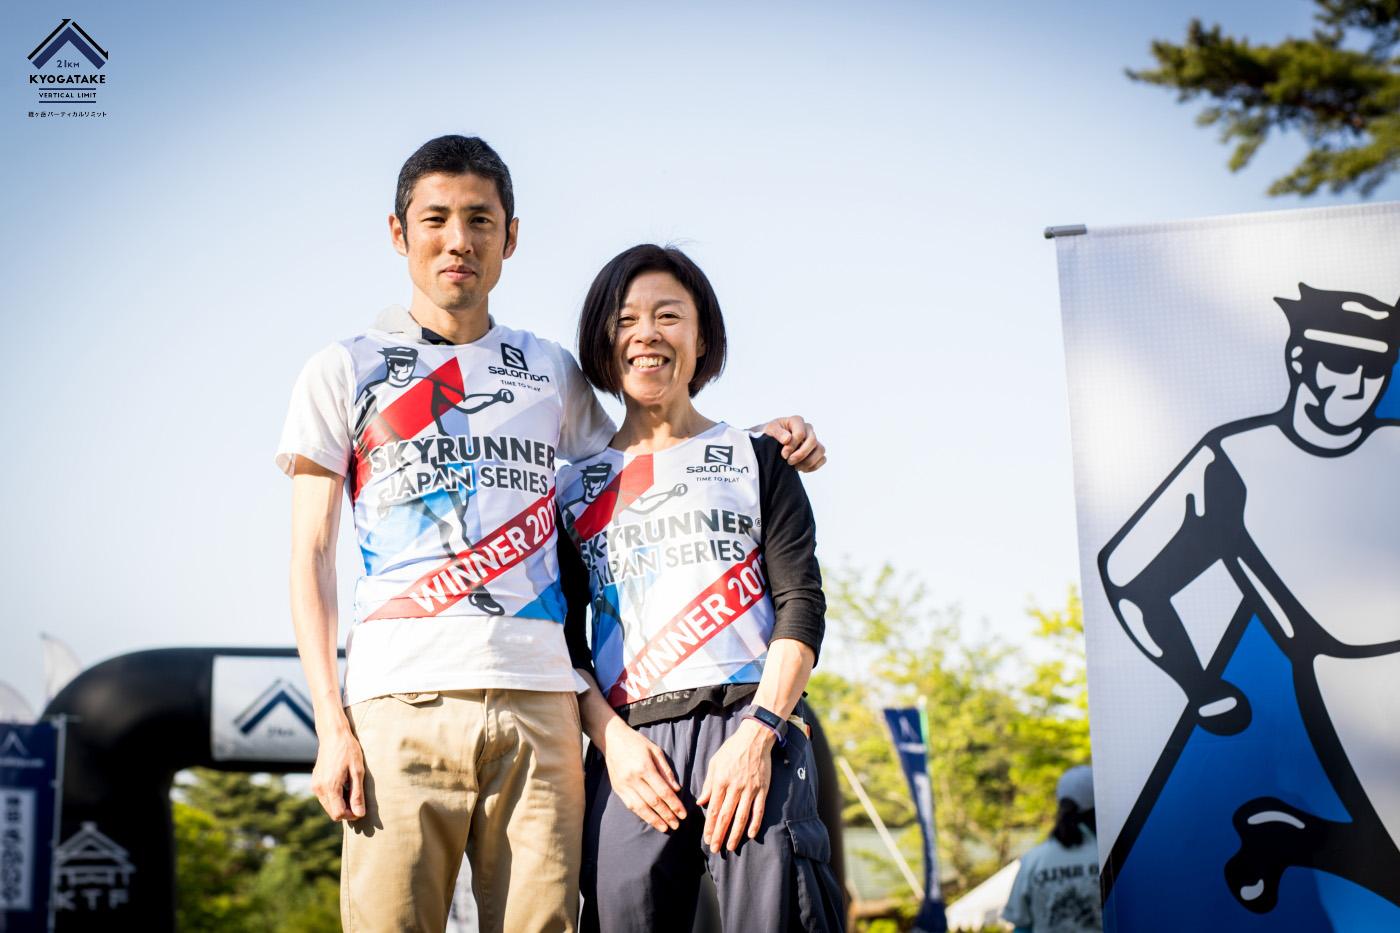 加藤と長坂。愛知勢がウィナービブを獲得した第1戦の経ヶ岳 🄫経ヶ岳バーティカルリミット